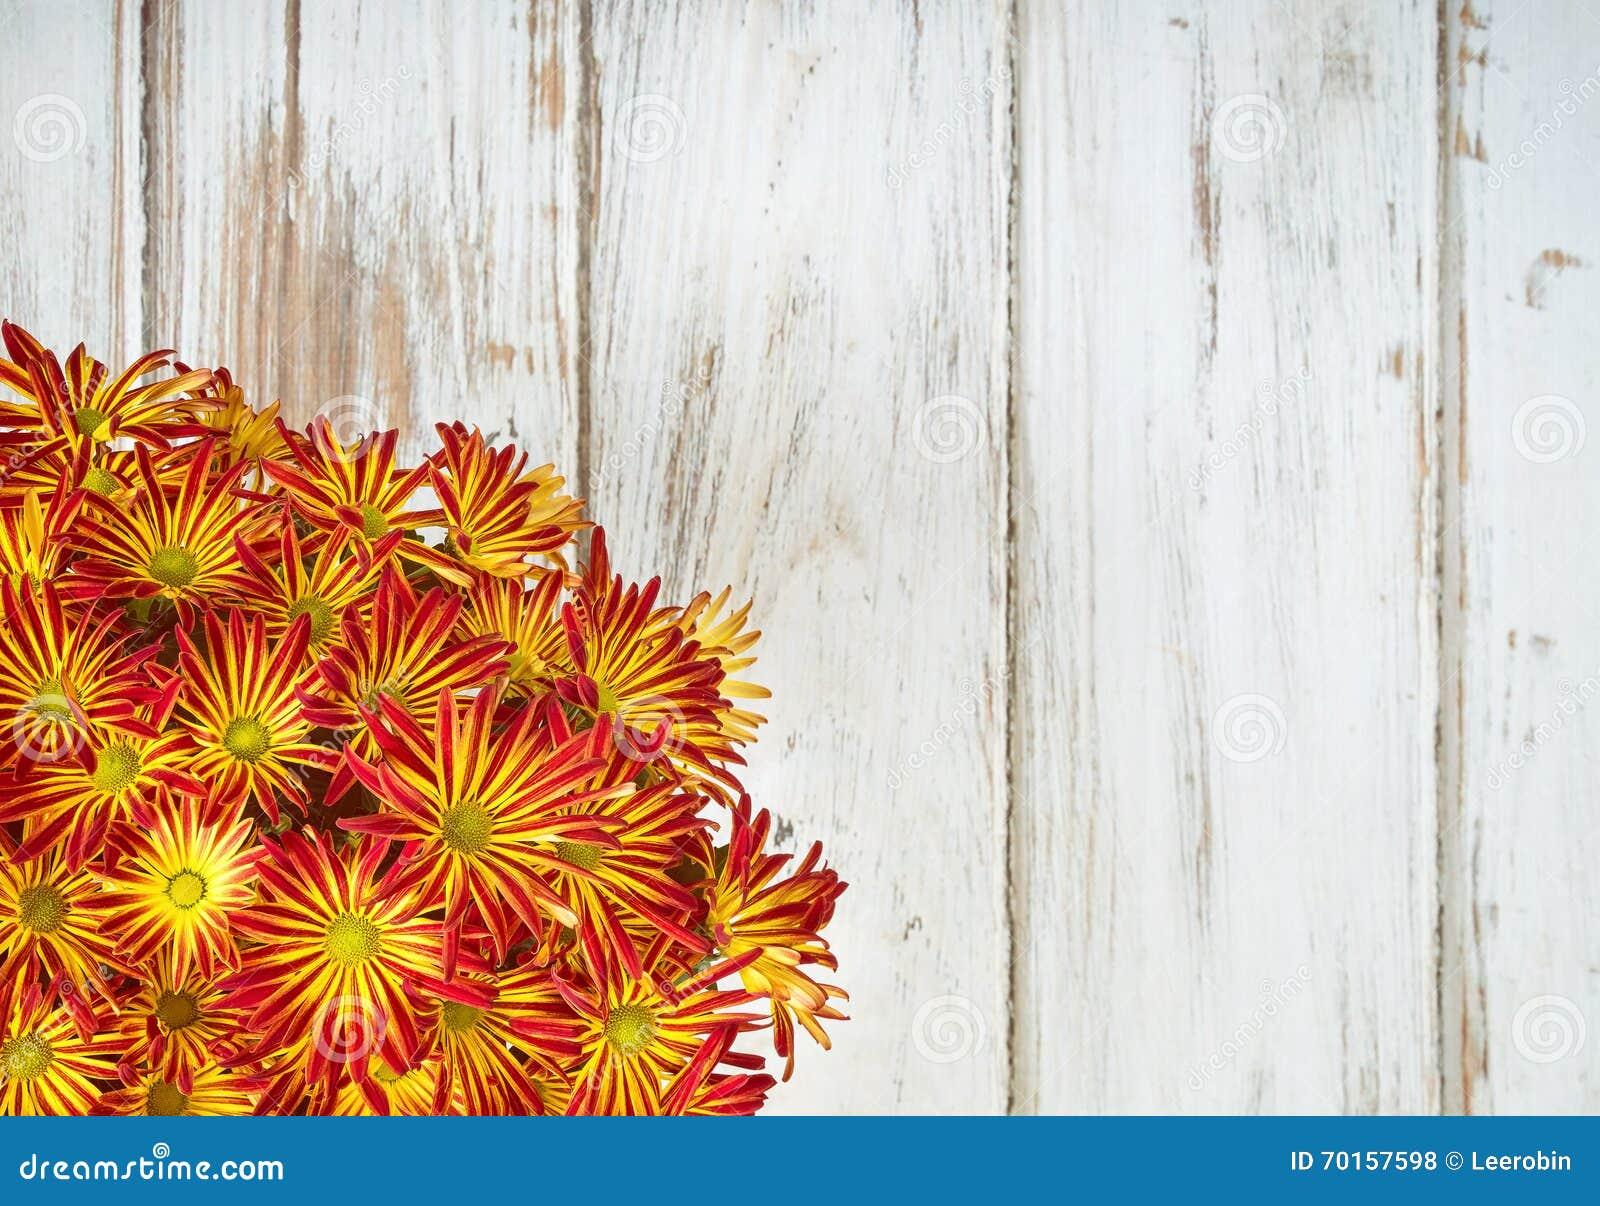 Fiori Gialli O Rossi.Fiori Gialli Rossi Del Crisantemo O Della Mummia Fotografia Stock